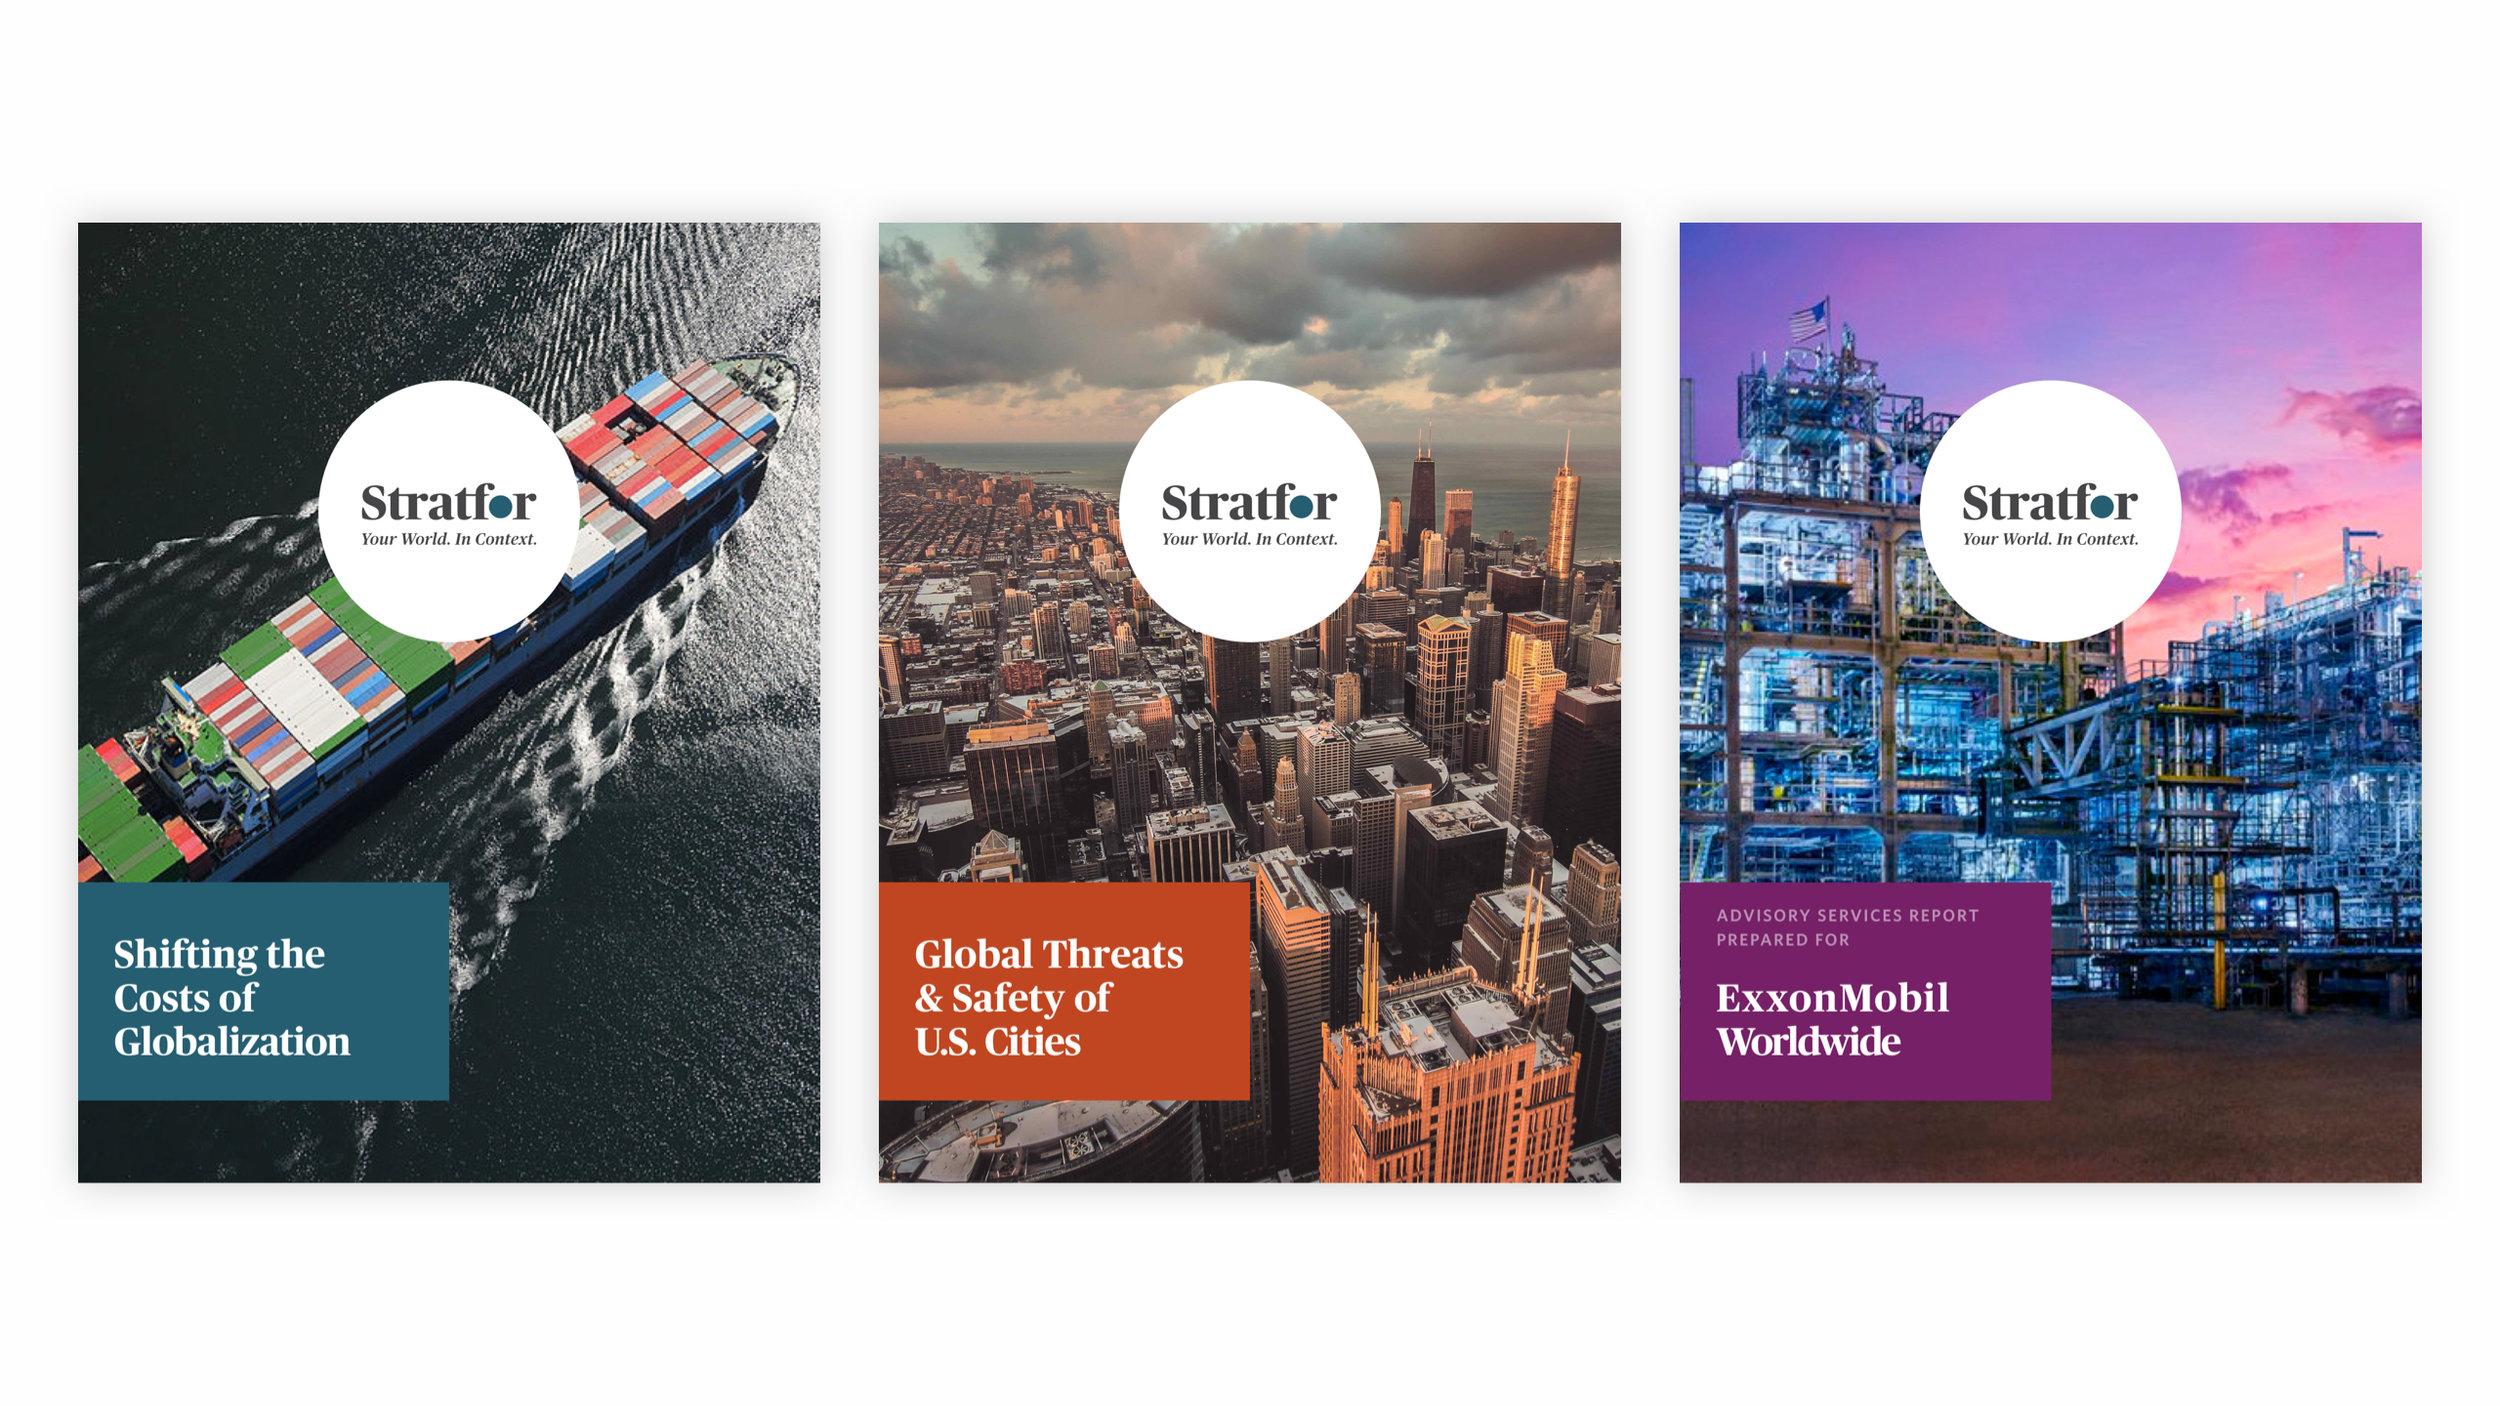 stratfor_report-cover-1 copy@2x.jpg